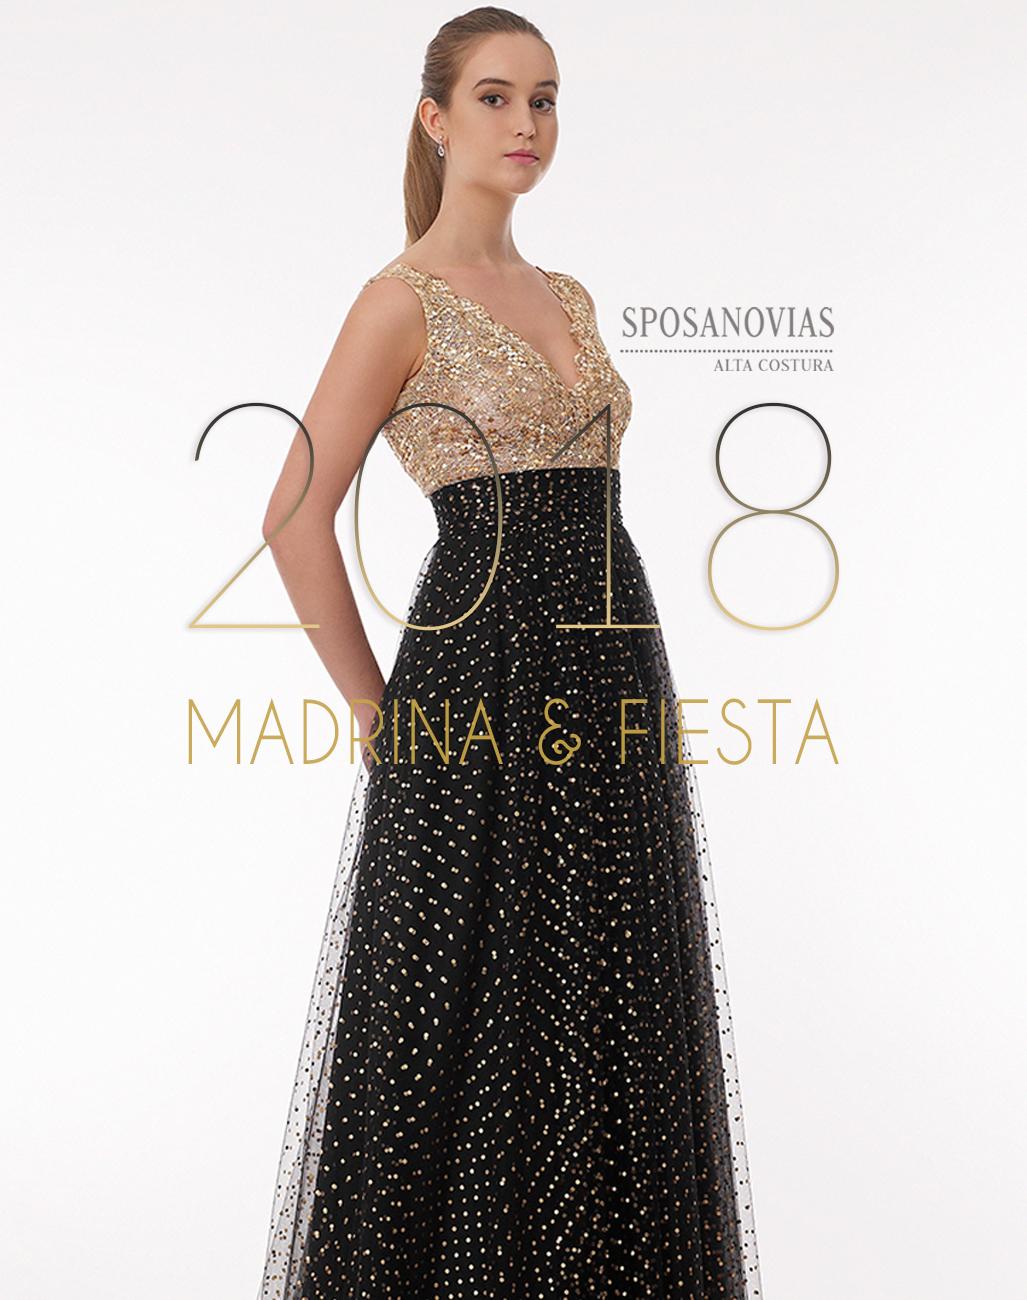 SposaNovias Vigo, Colección Vestidos de Madrina y Fiesta